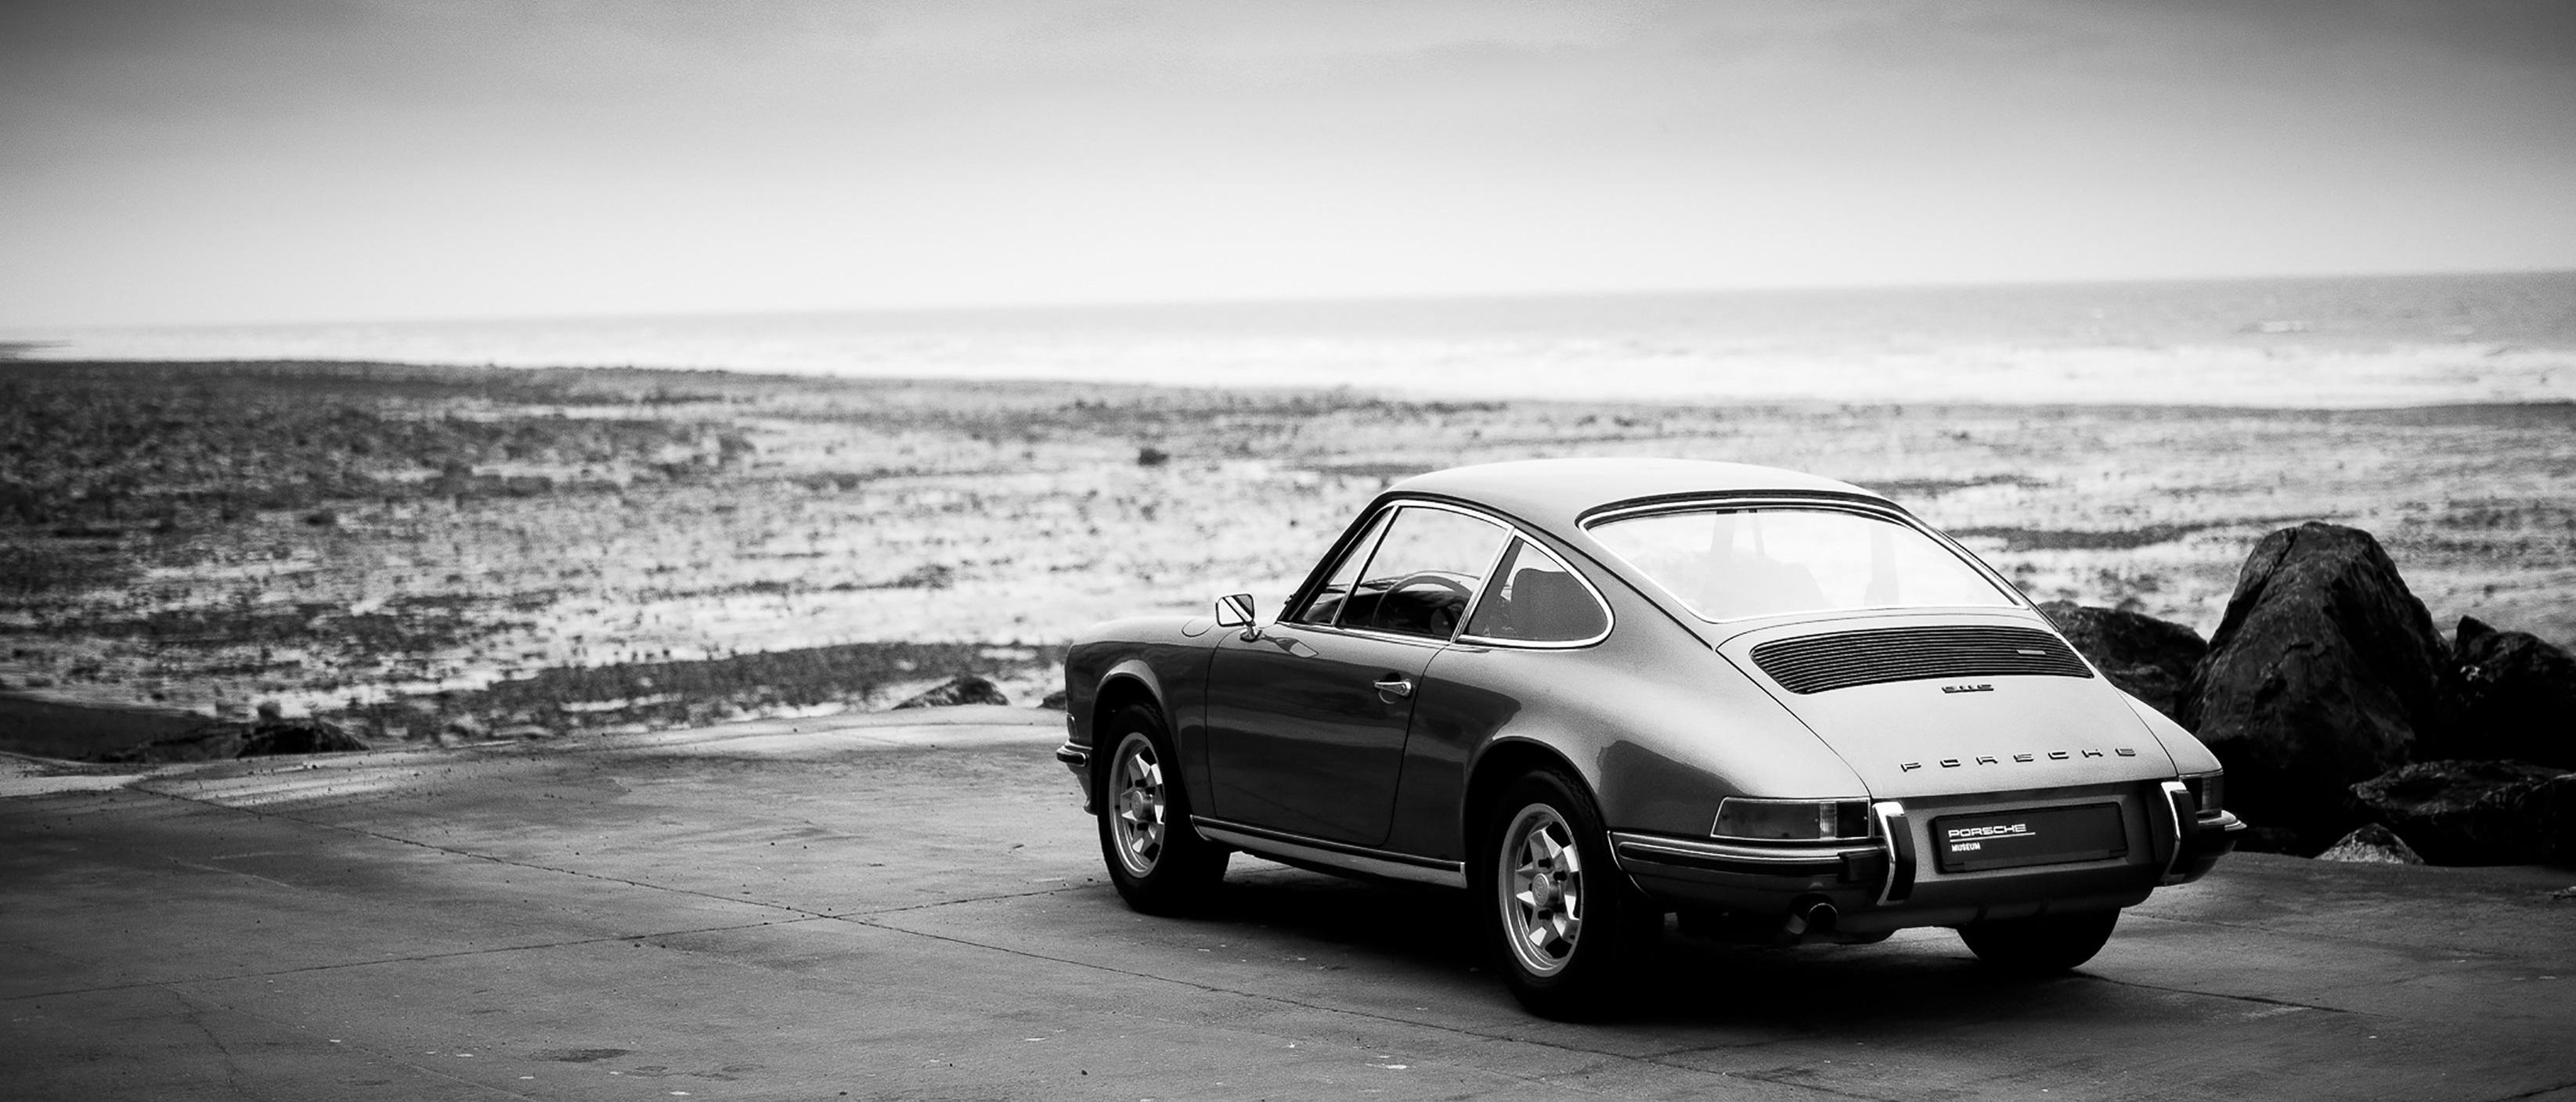 Ensaio de Peter Lindbergh celebra os 70 anos da Porsche